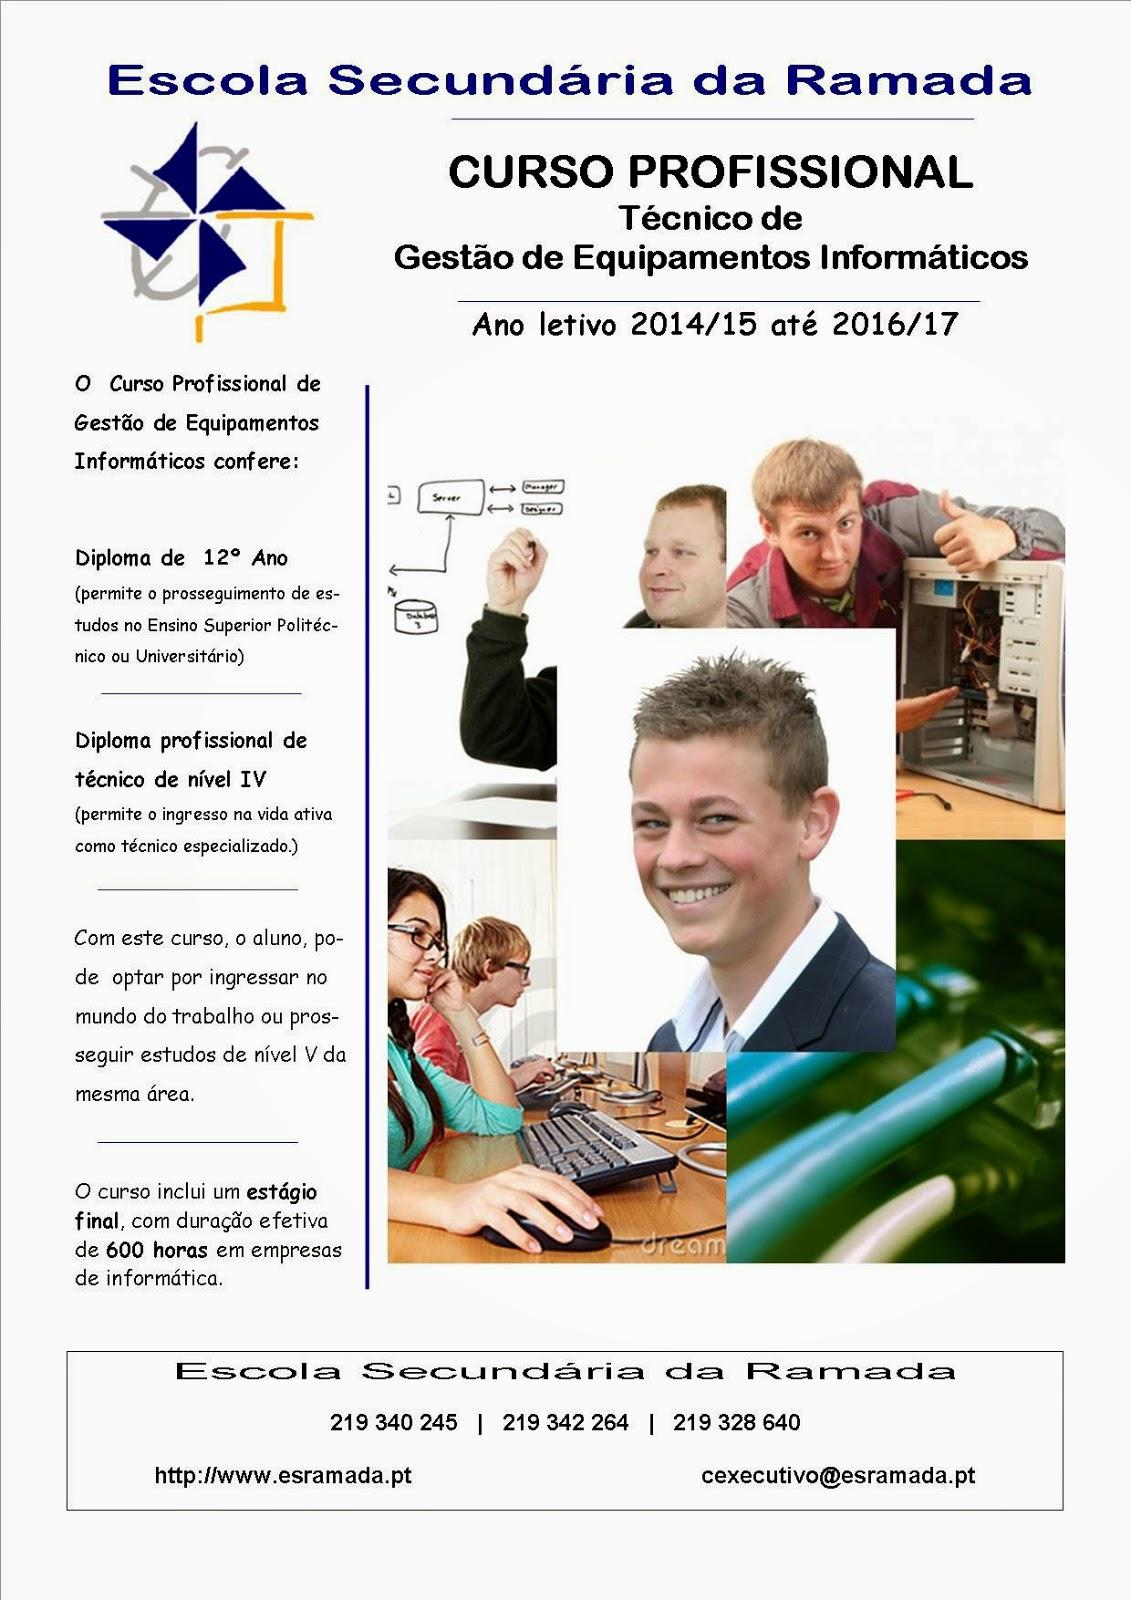 Curso profissional de gestão de equipamentos informáticos na Ramada (Nível 4 e equivalência ao 12º ano)